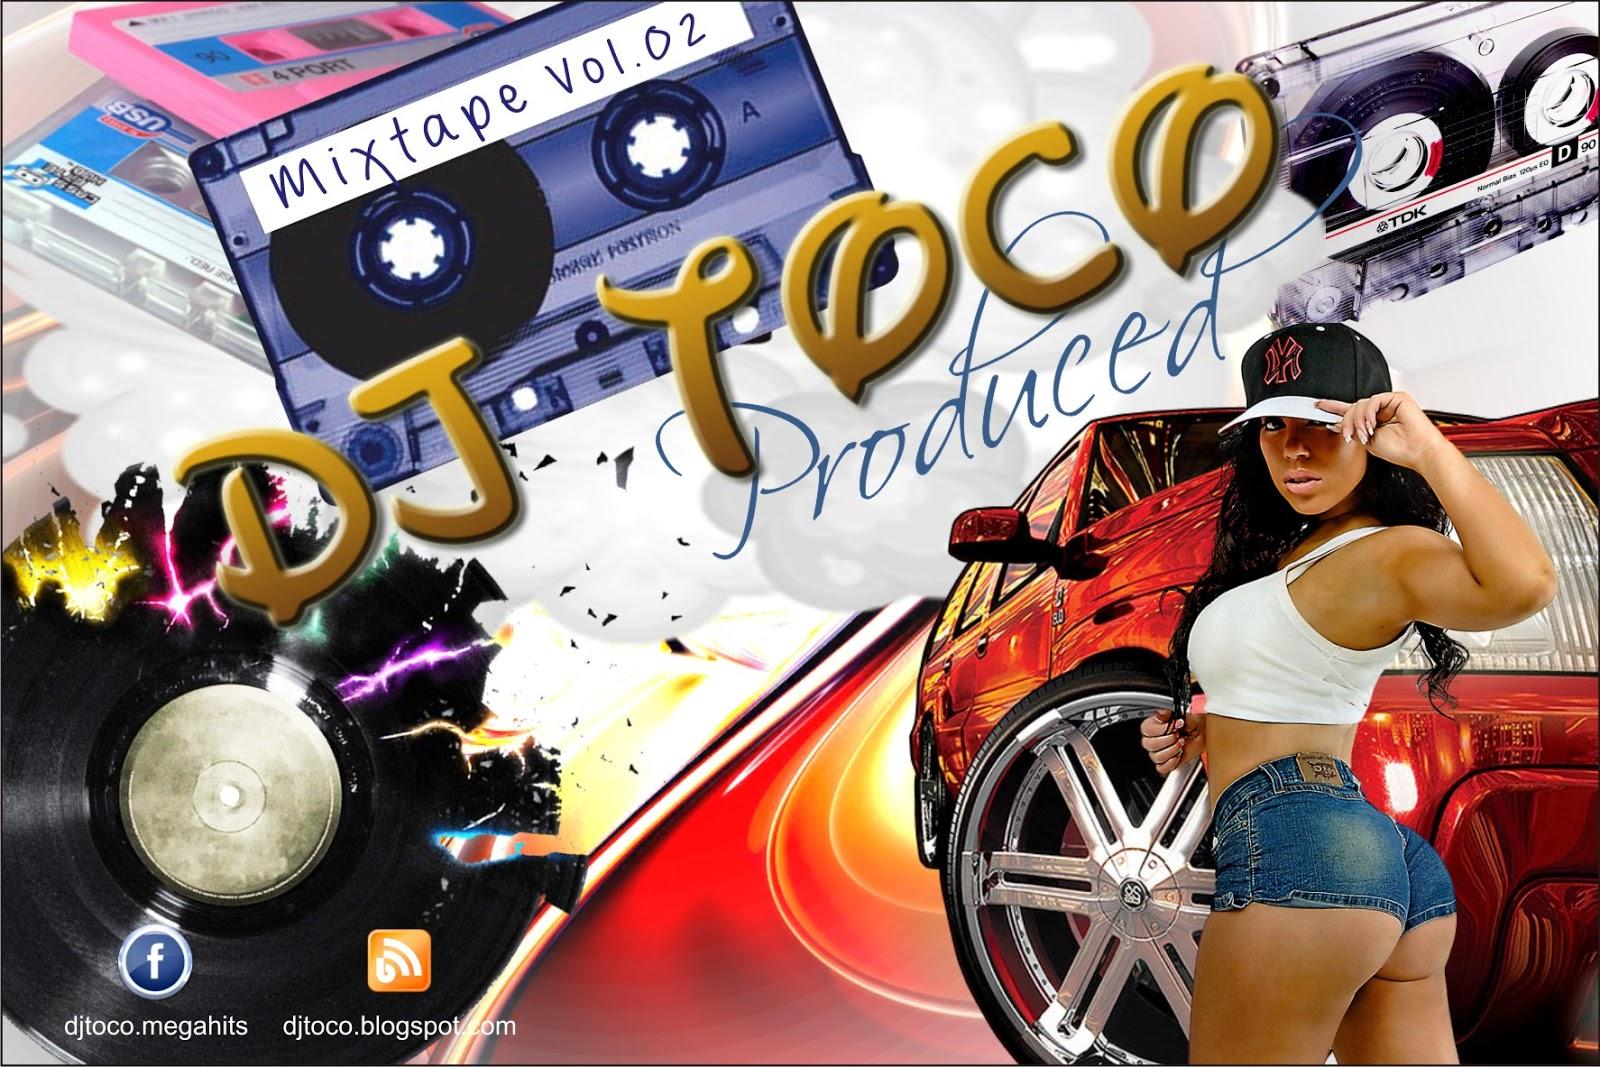 capa+frente+www.djtoco.blogspot.com.jpg